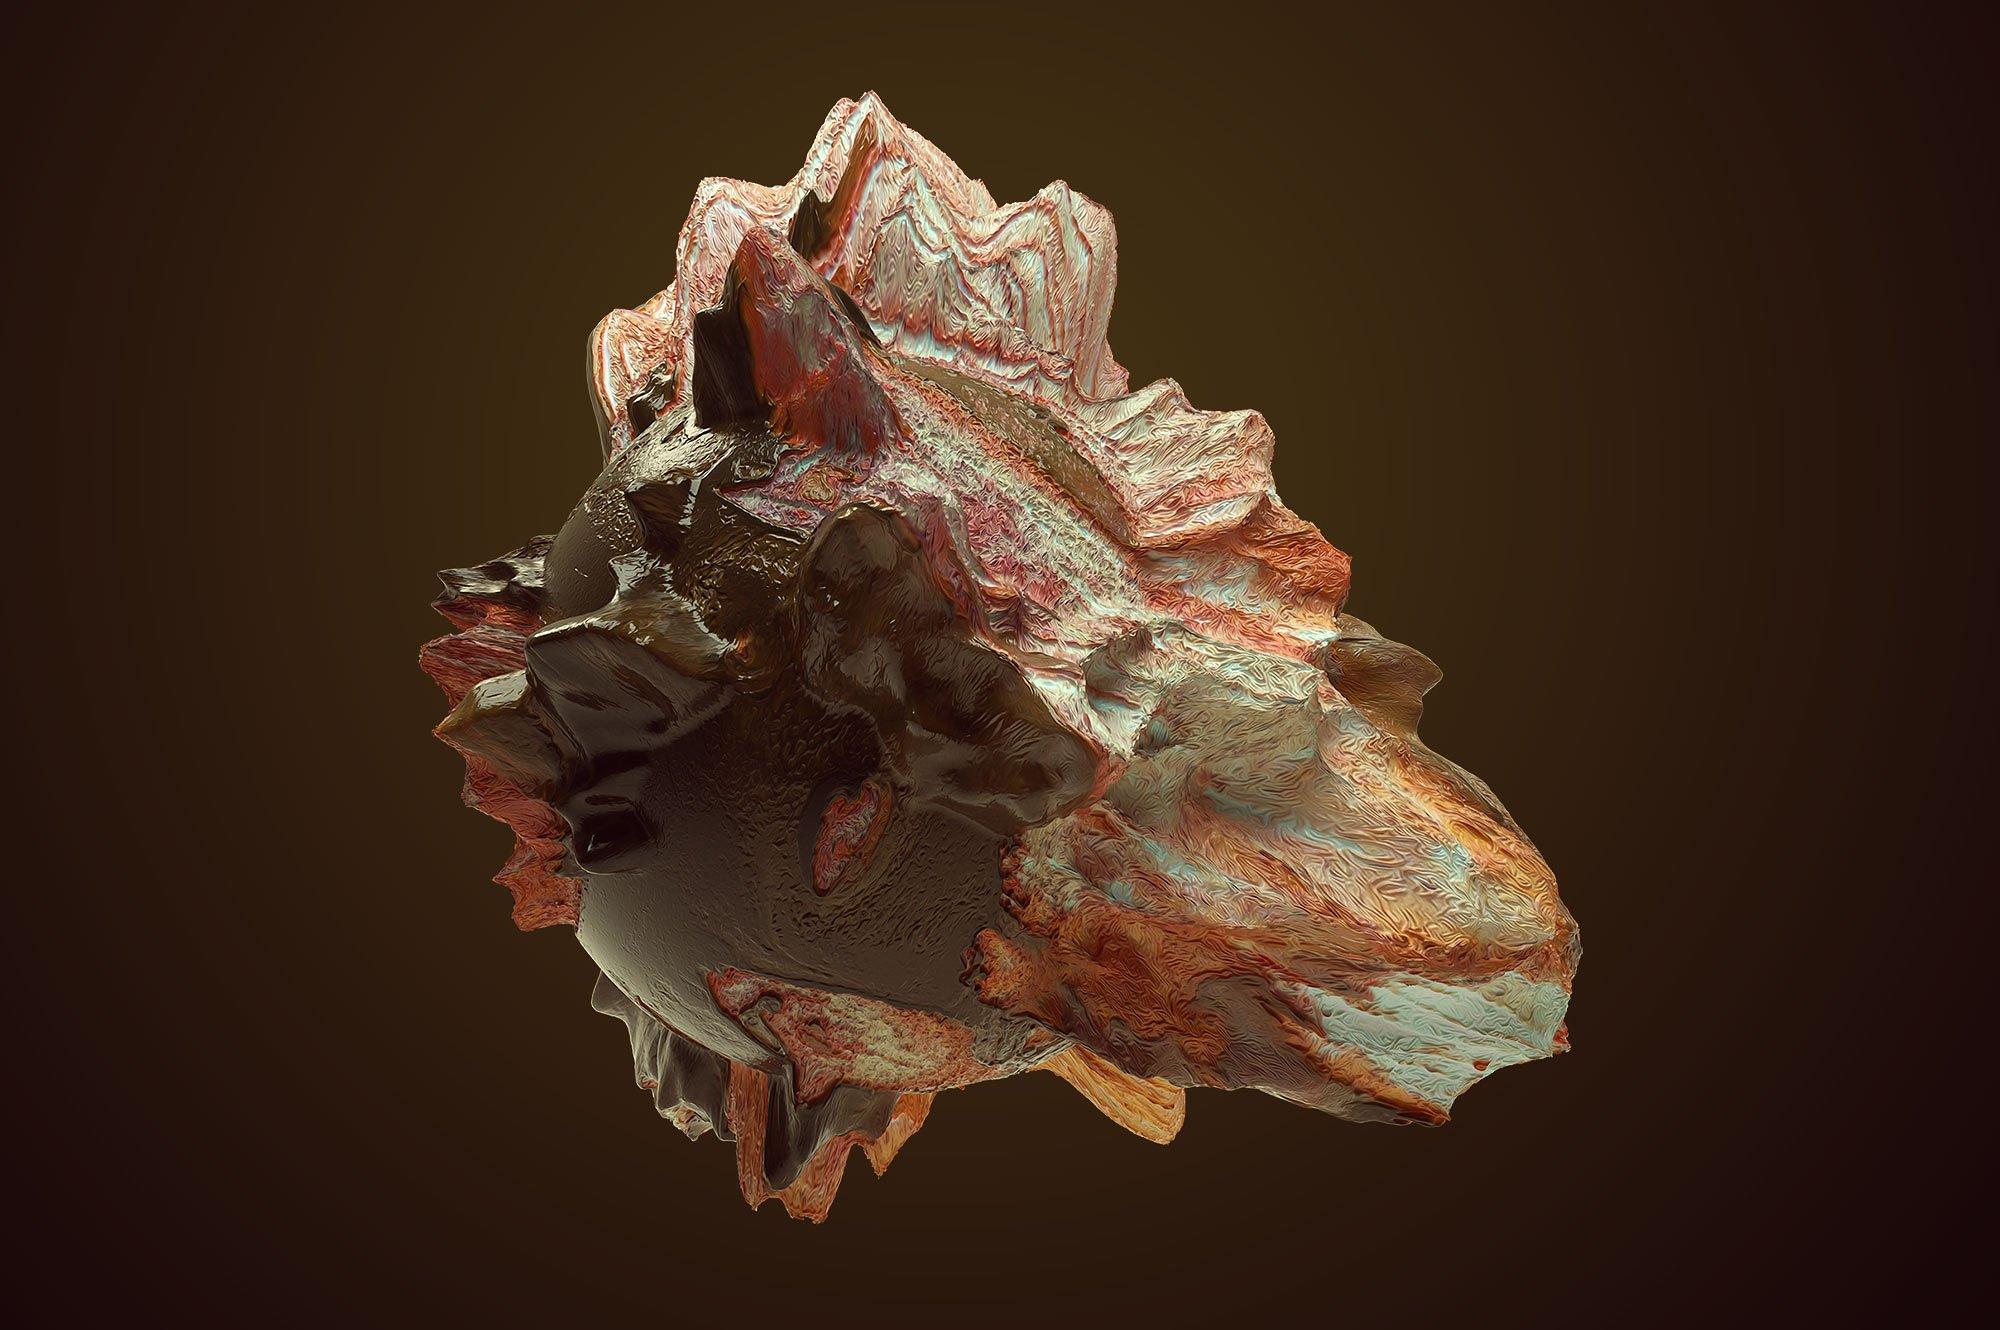 创意抽象纹理系列:10款混合油漆矿石有机图案3D纹理&PS笔刷 Tectonic (Exclusive)插图4